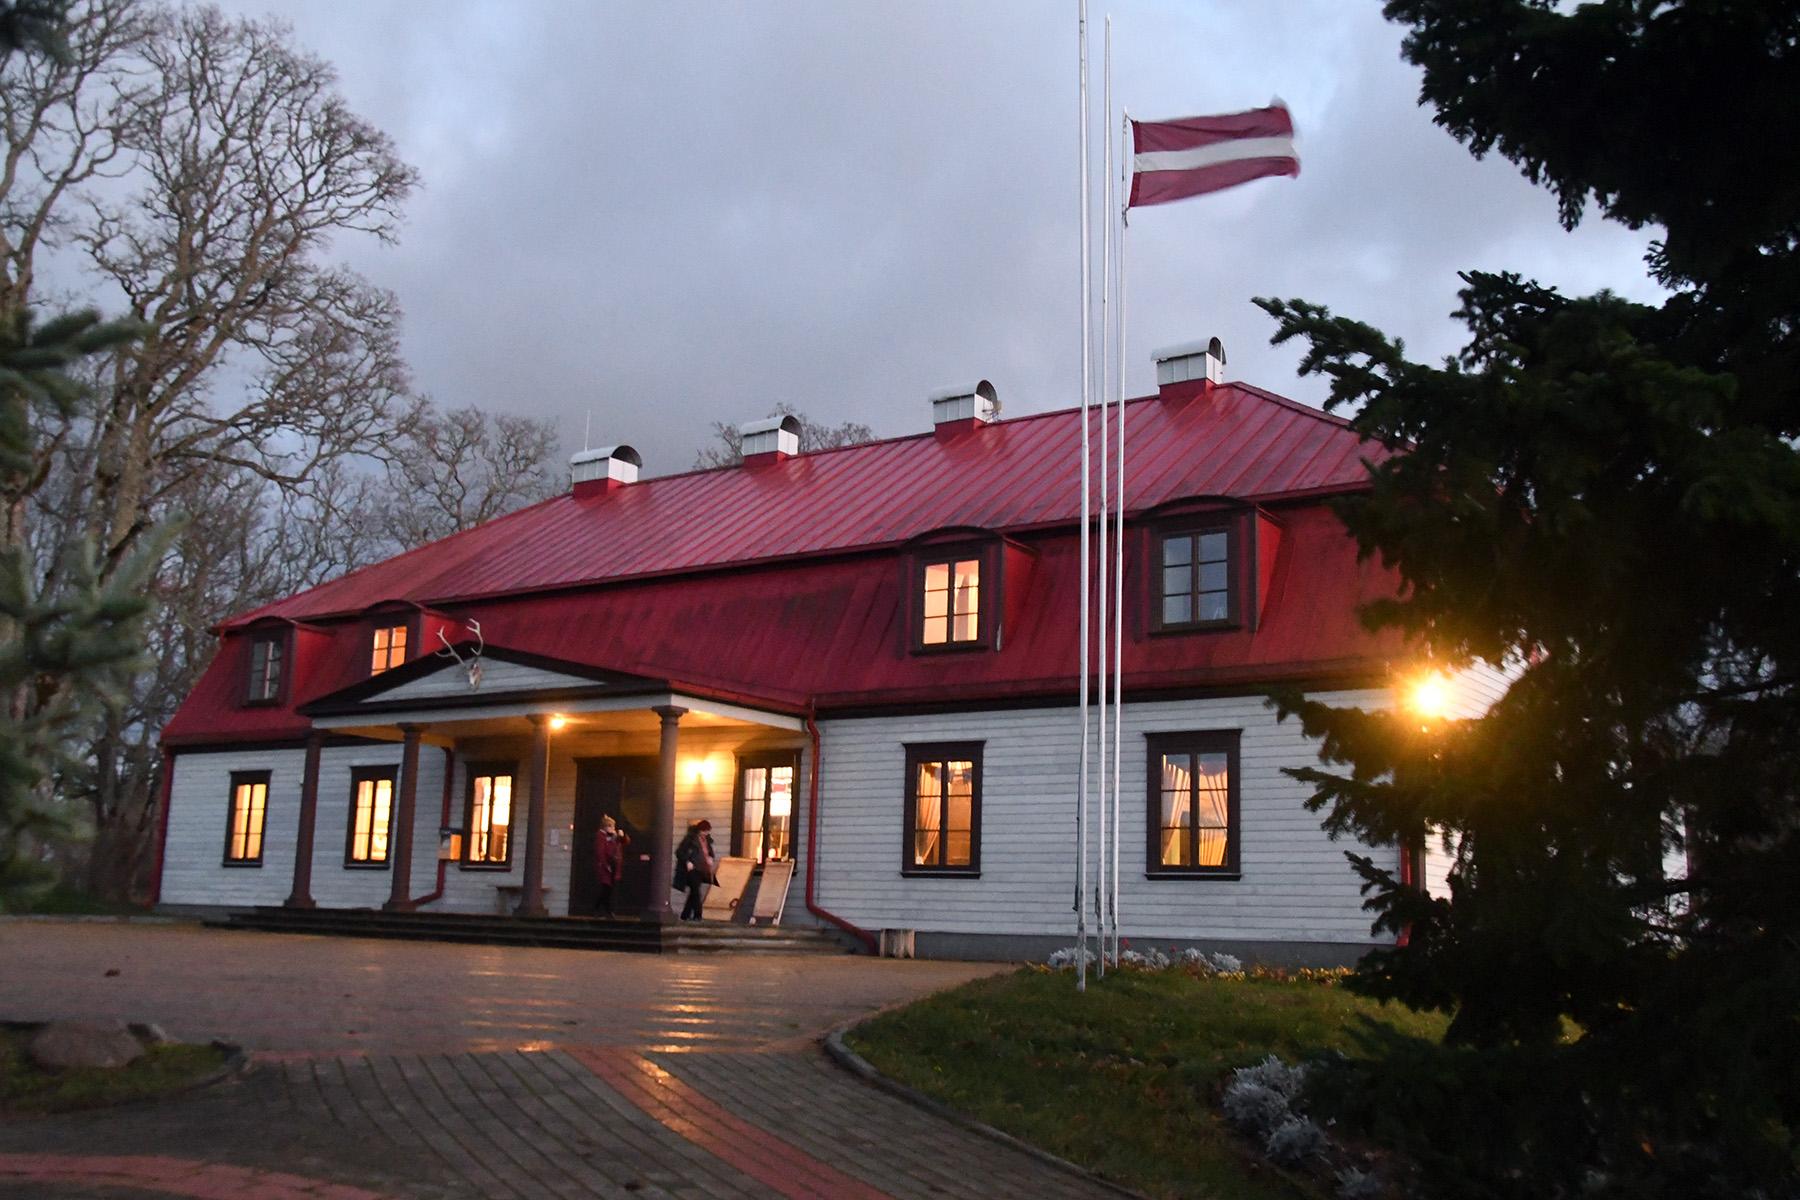 Münchhauseni muuseum Dunte mõisas. Fotod: Urmas Saard / Külauudised